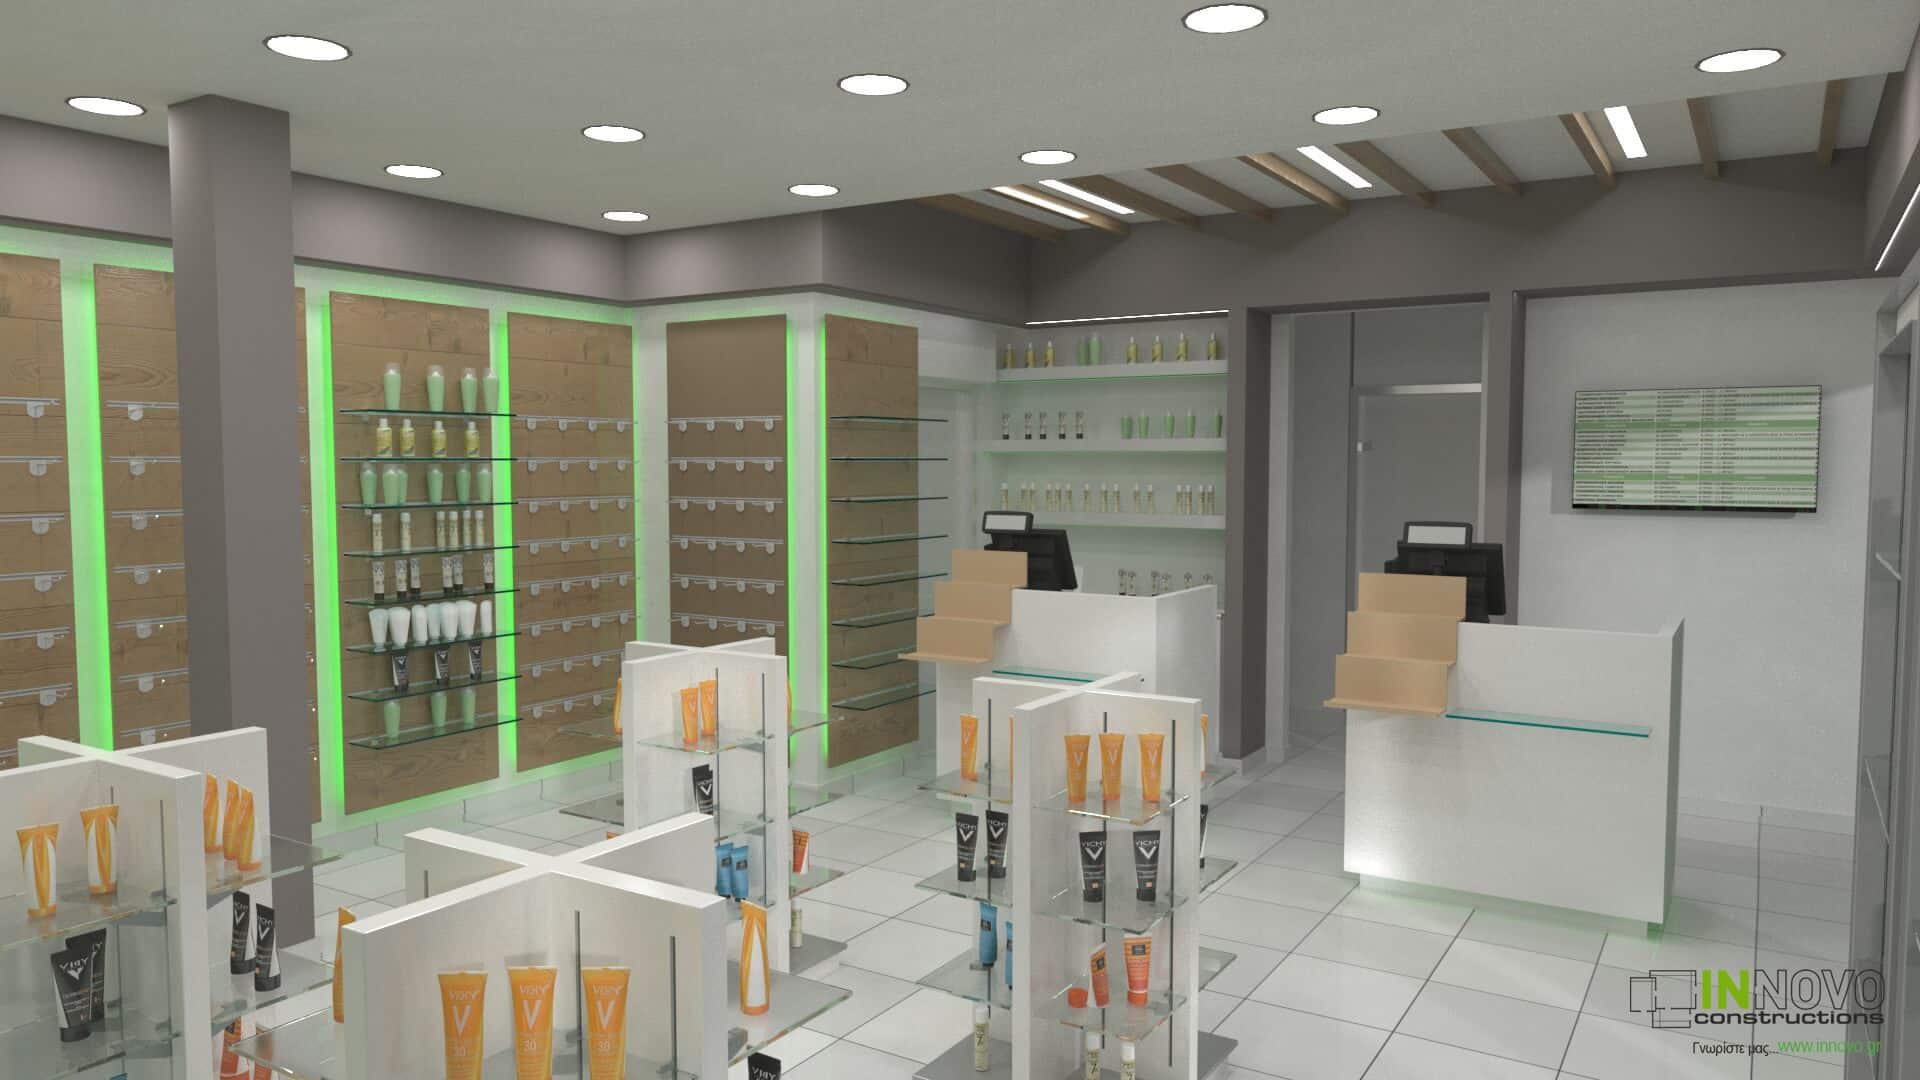 Σχεδιασμός και κατασκευή φαρμακείου Ηλιούπολη από την Innovo Constructions